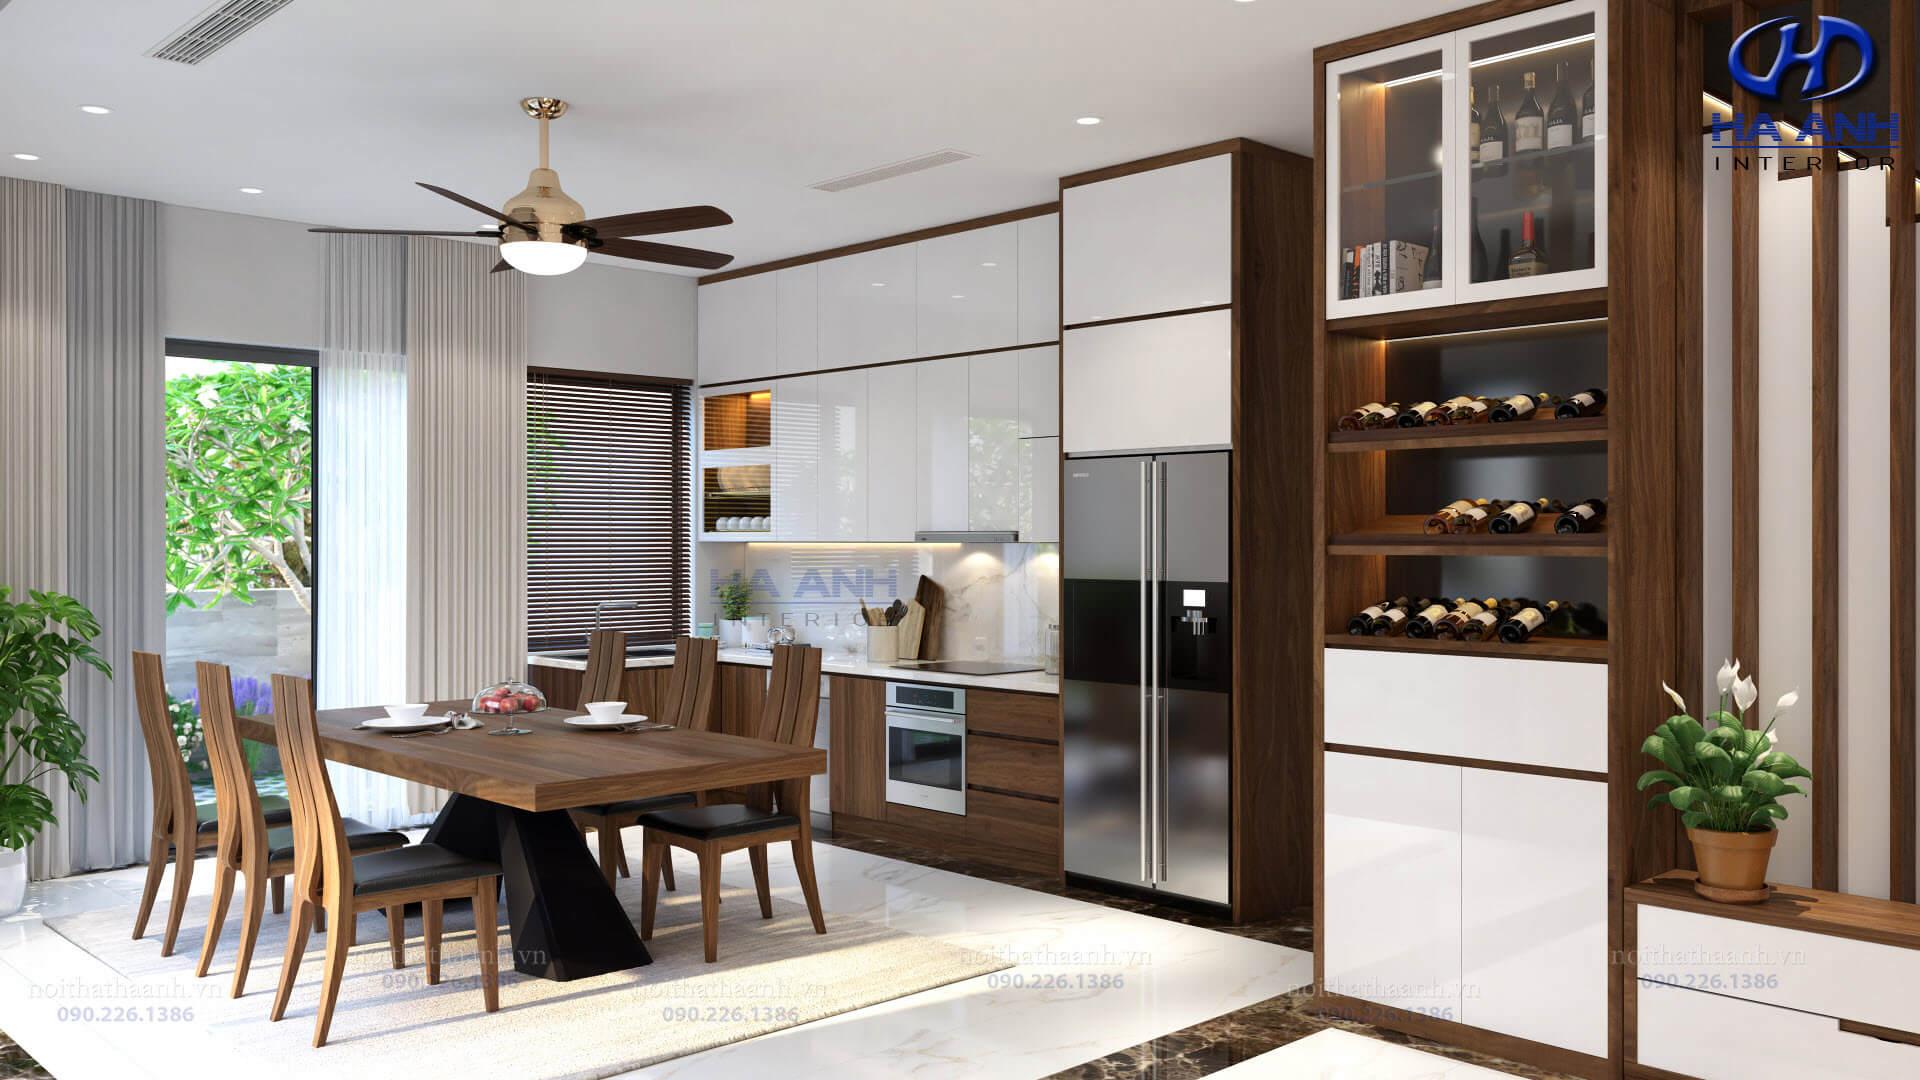 Giới thiệu không gian phòng bếp gỗ óc chó sang trọng có thể bạn quan tâm